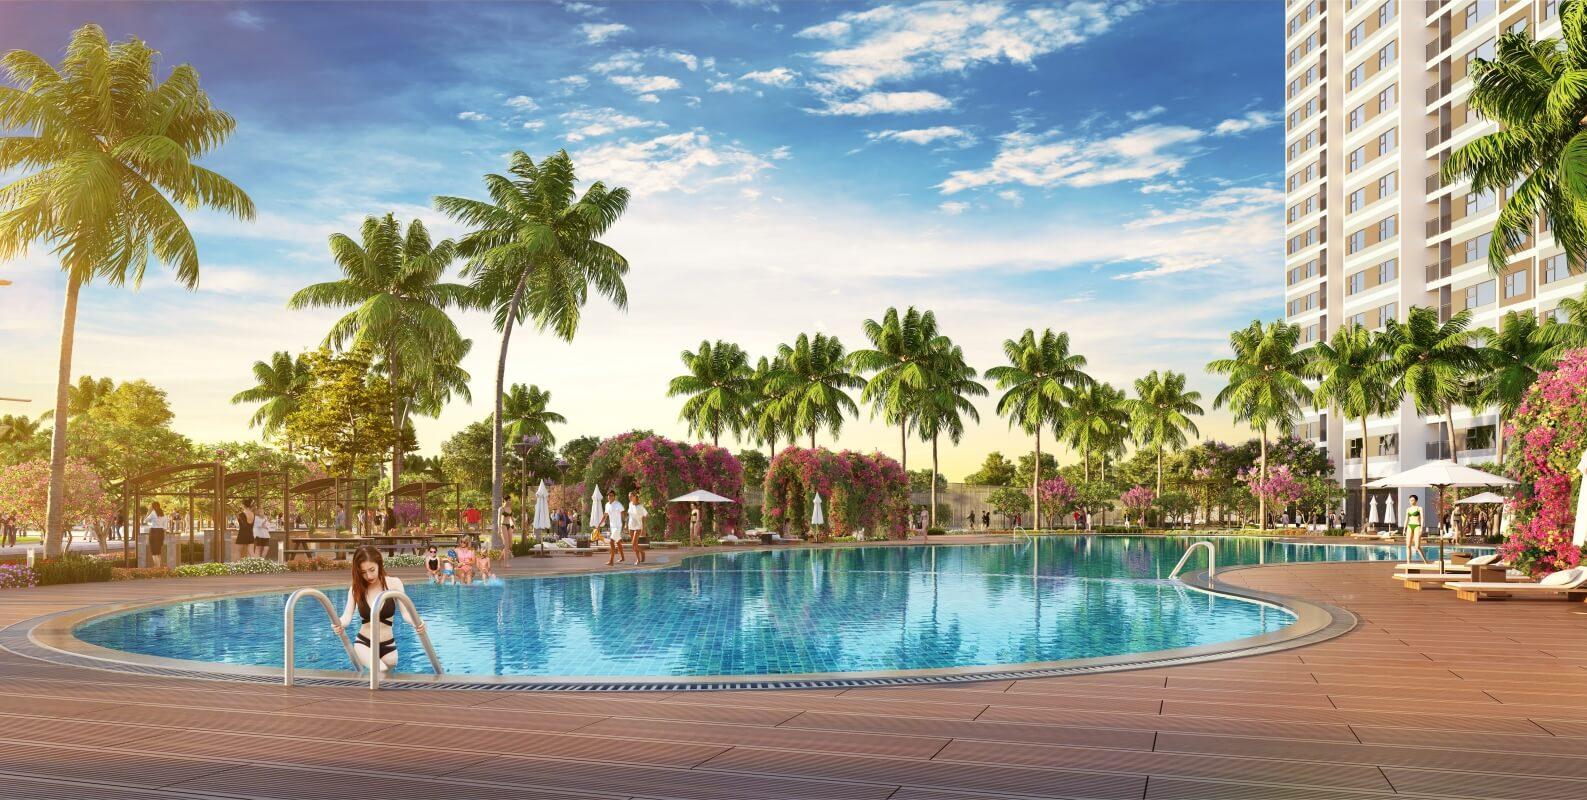 Bể bơi ngoài trời chung cư Imperia Smart City